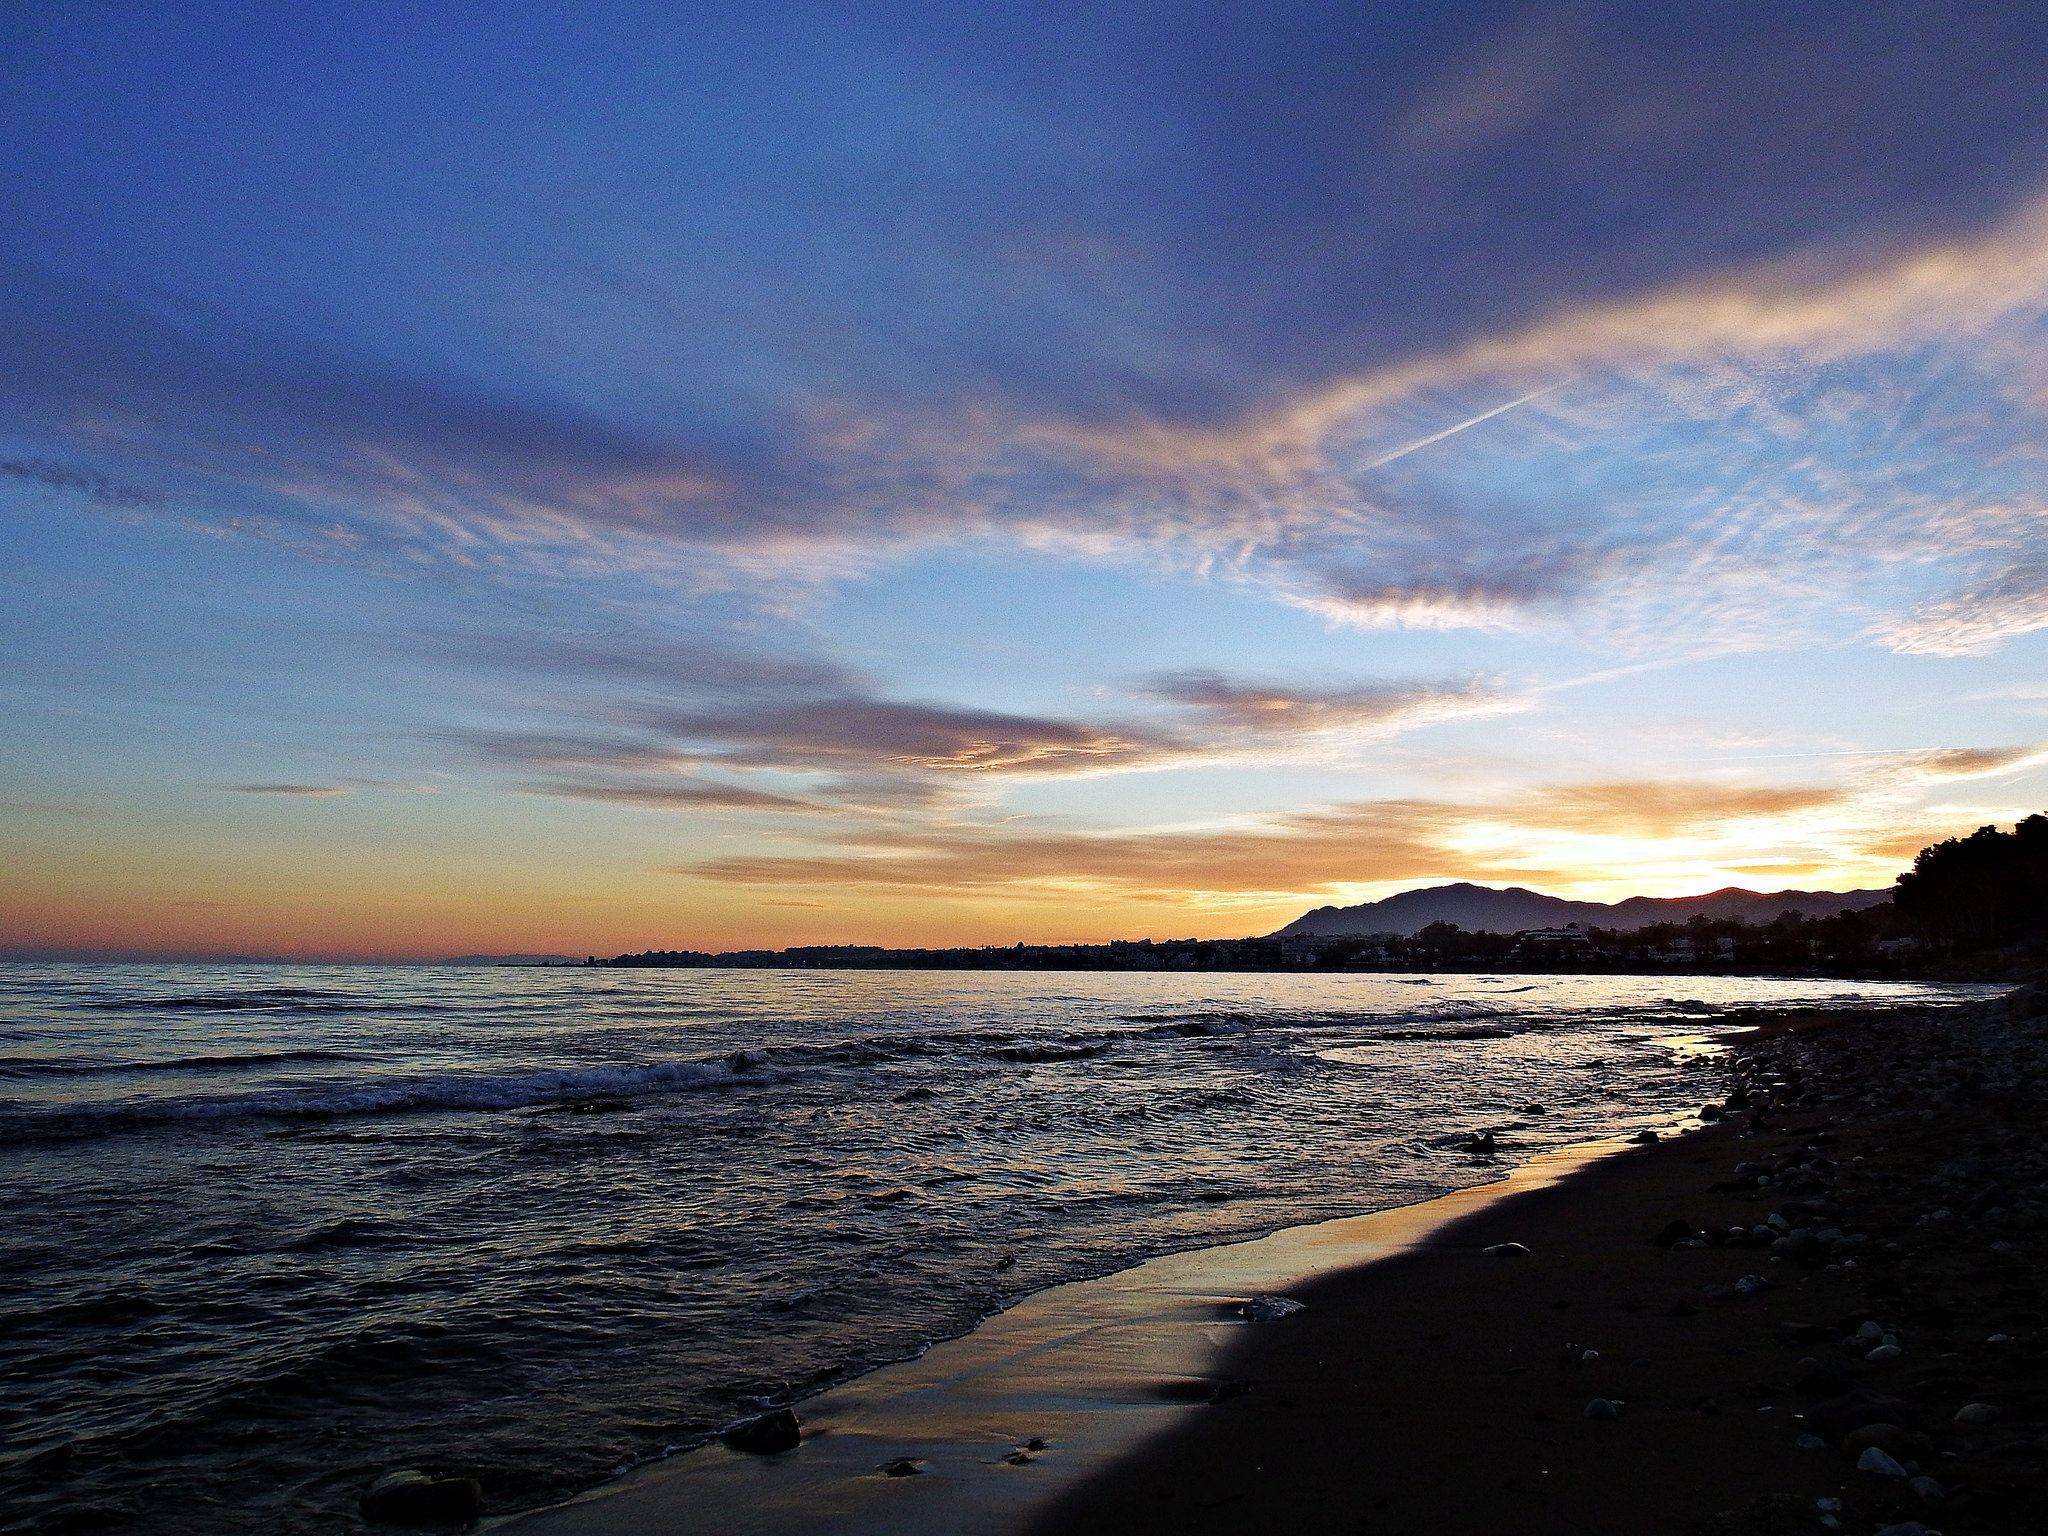 https://flic.kr/p/SapP7j | Atardecer | La costa del Mediterráneo, Marbella, España.